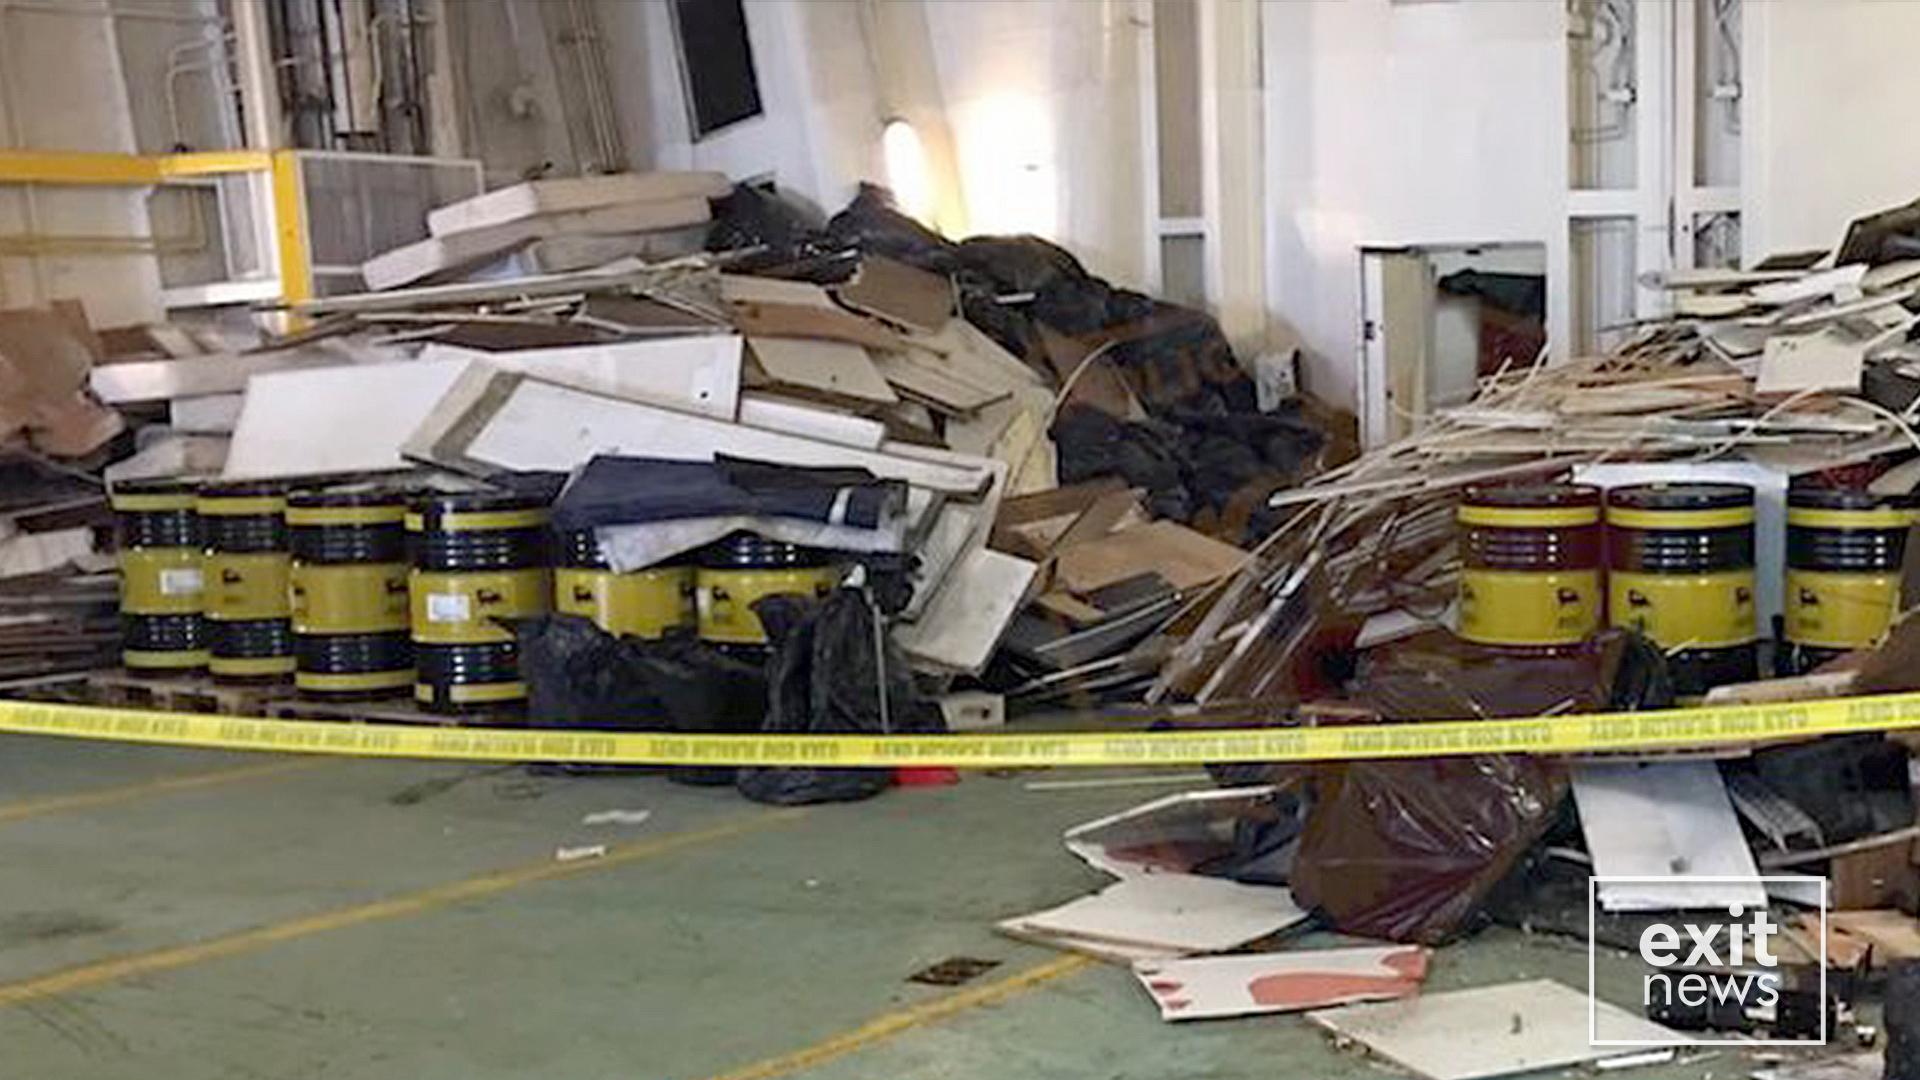 Gjykata lë në burg 3 nga 6 të arrestuarit për mbetjet e rrezikshme në Vlorë